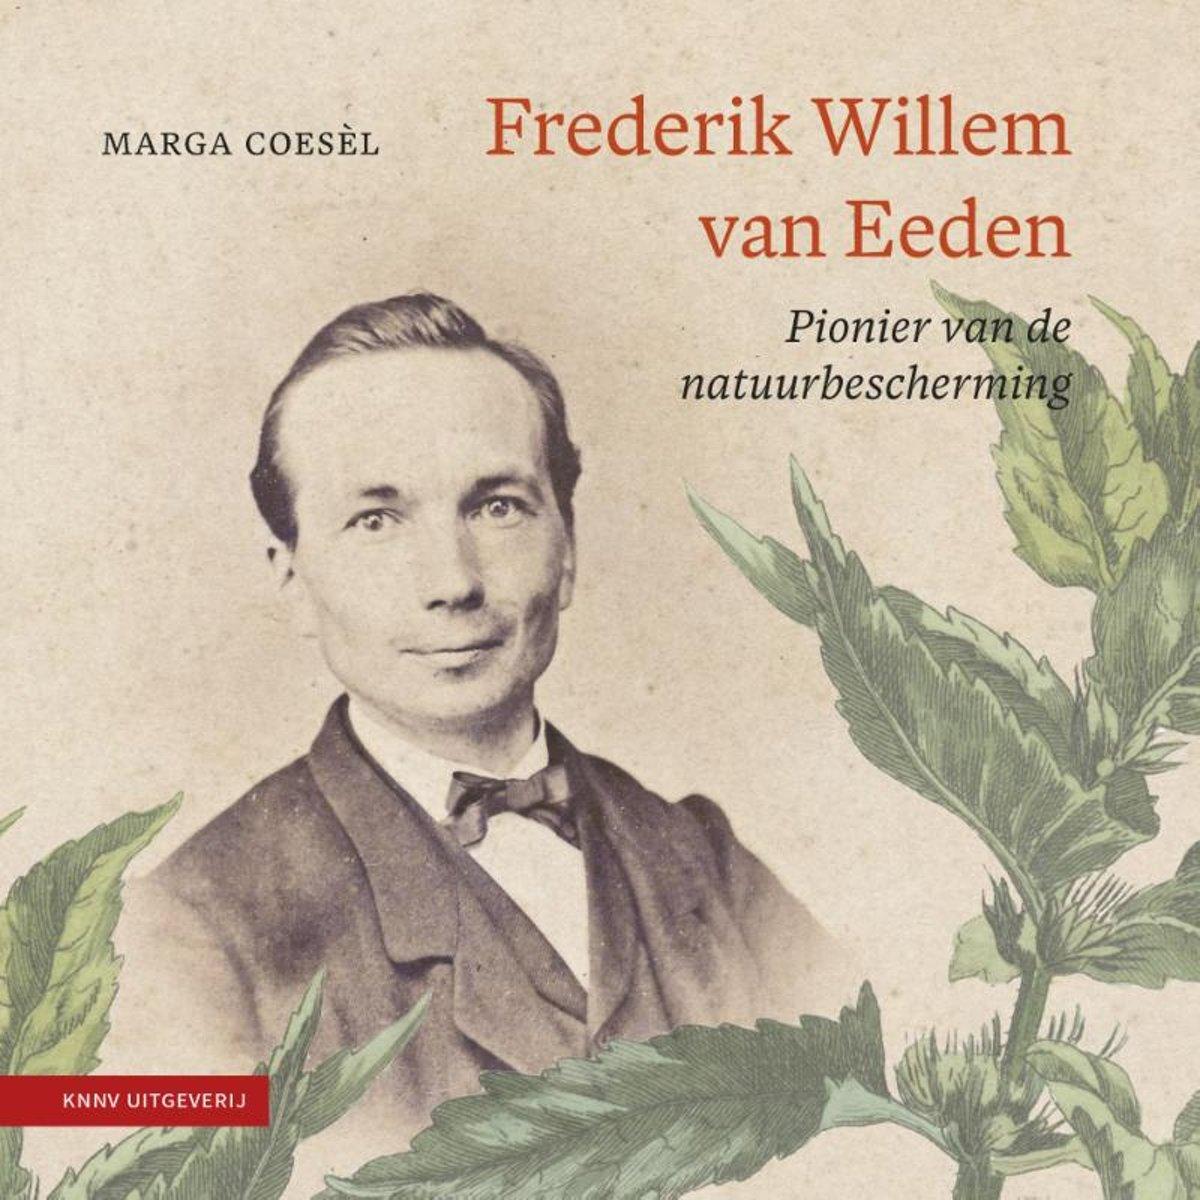 Frederik Willem van Eeden